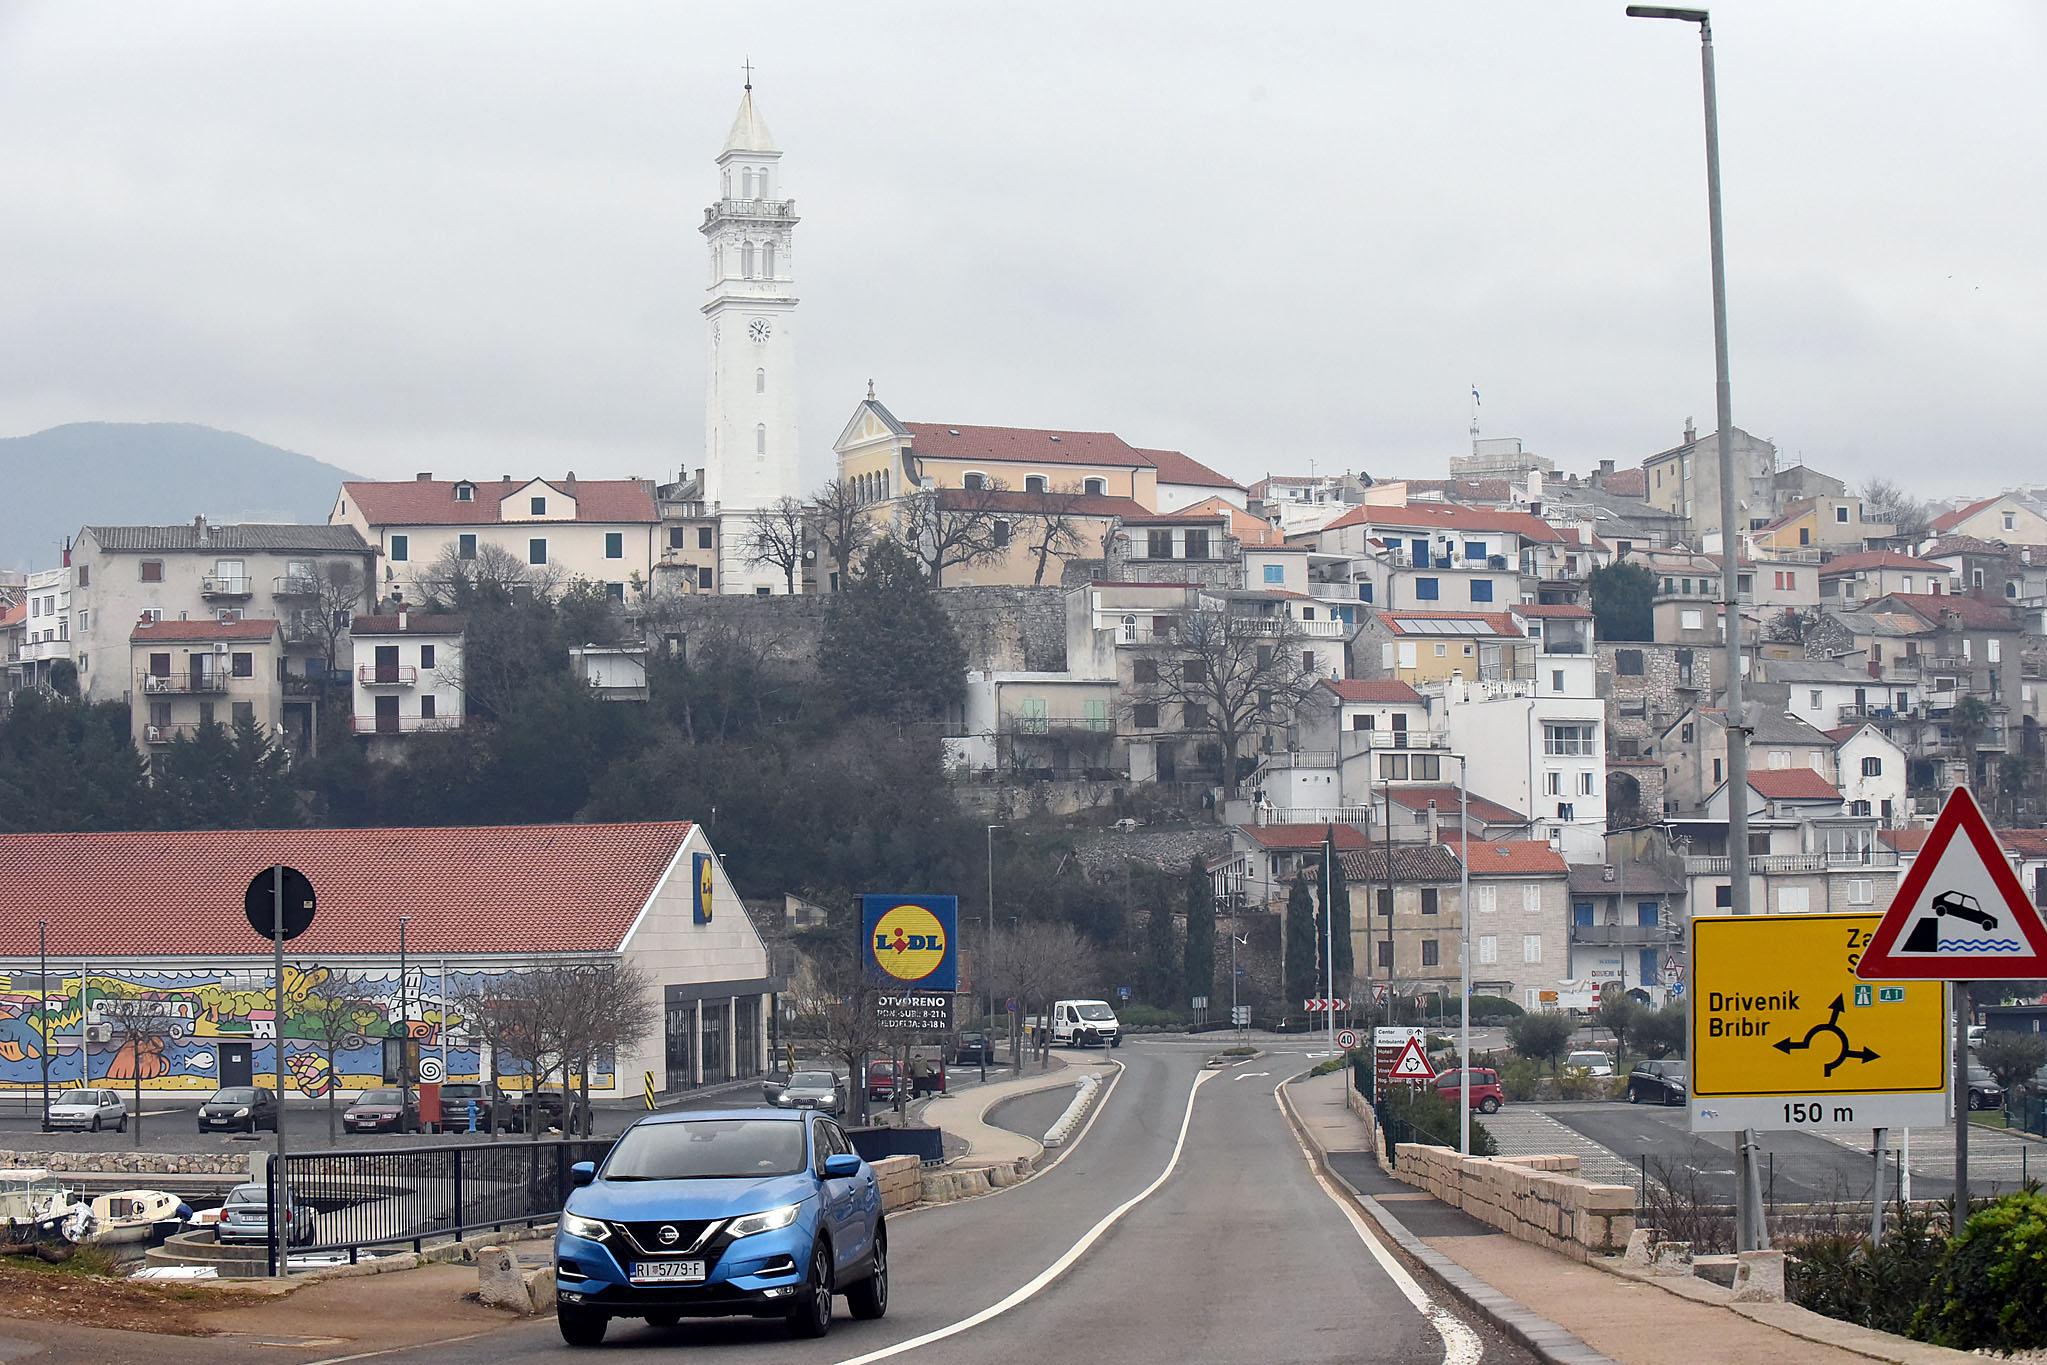 Novi Vinodolski - zaobilaznica od 6,5 kilometara trebala bi smanjiti gužve u ljetnim mjesecima / Foto S. DRECHSLER